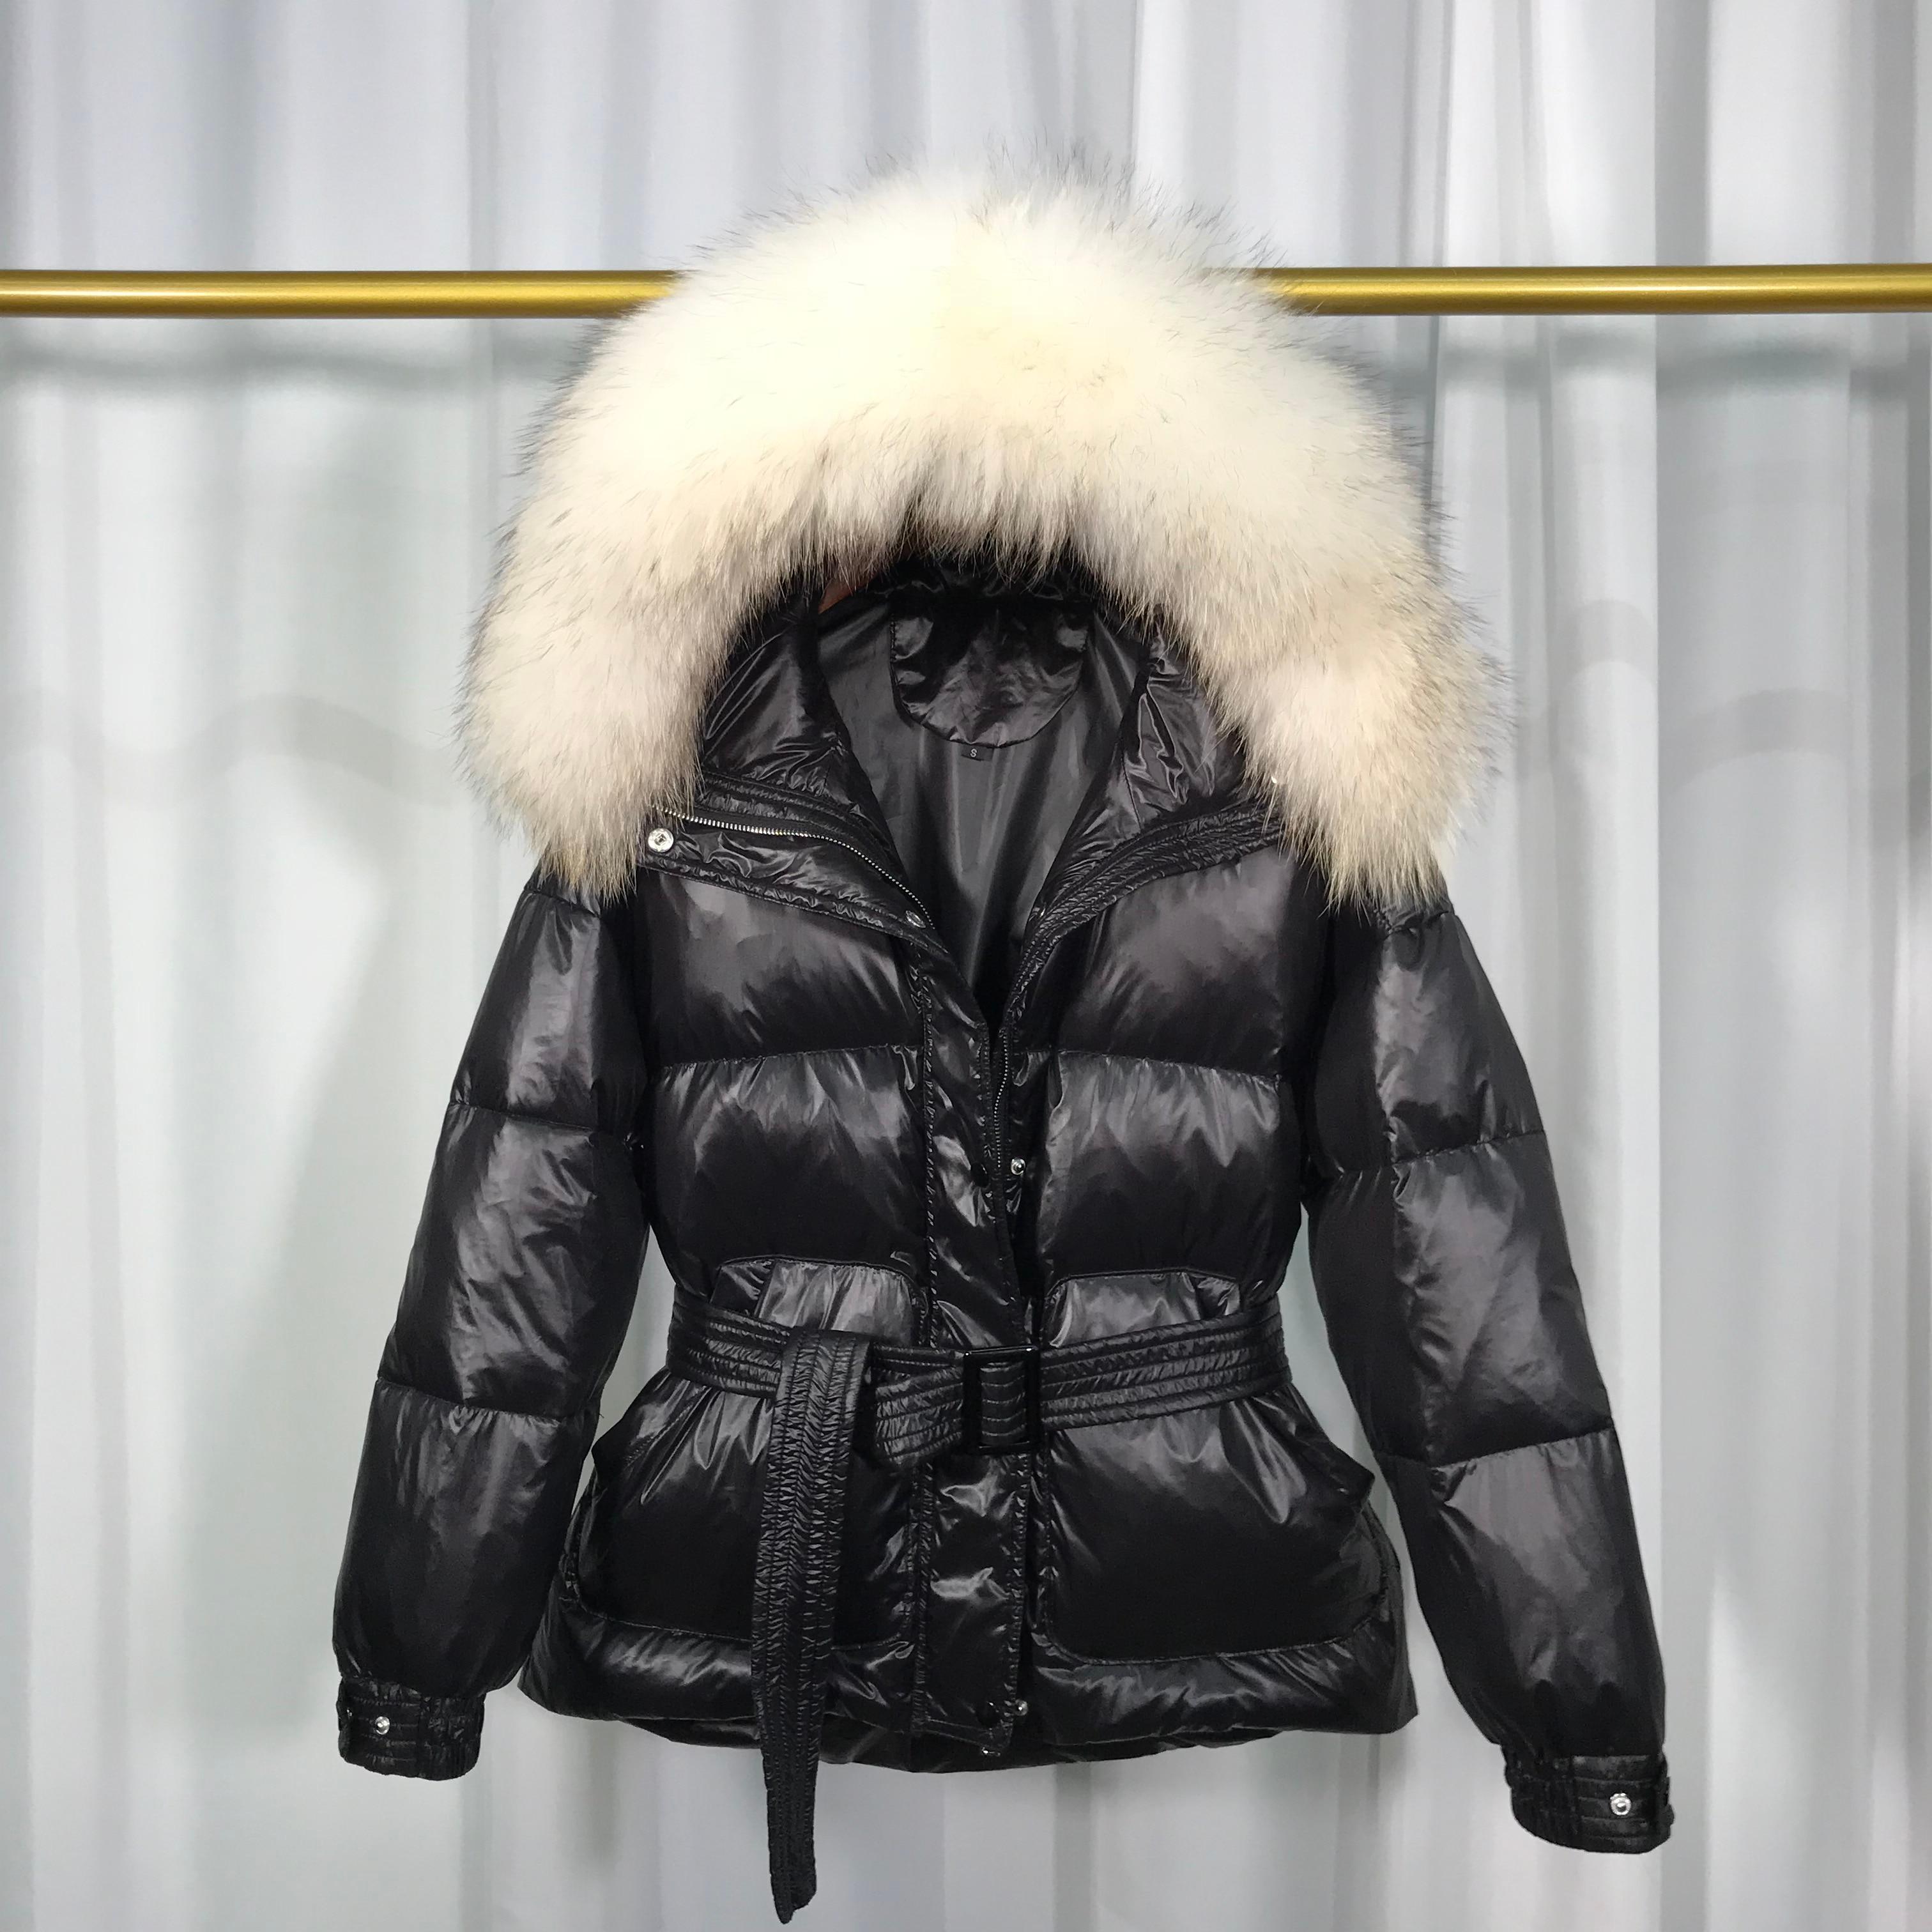 Real Raccoon Fur Collar 2019 Women Winter Ultra Light 90% White Duck Down Jacket Female Waterproof Warm Hooded Coat Outerwear